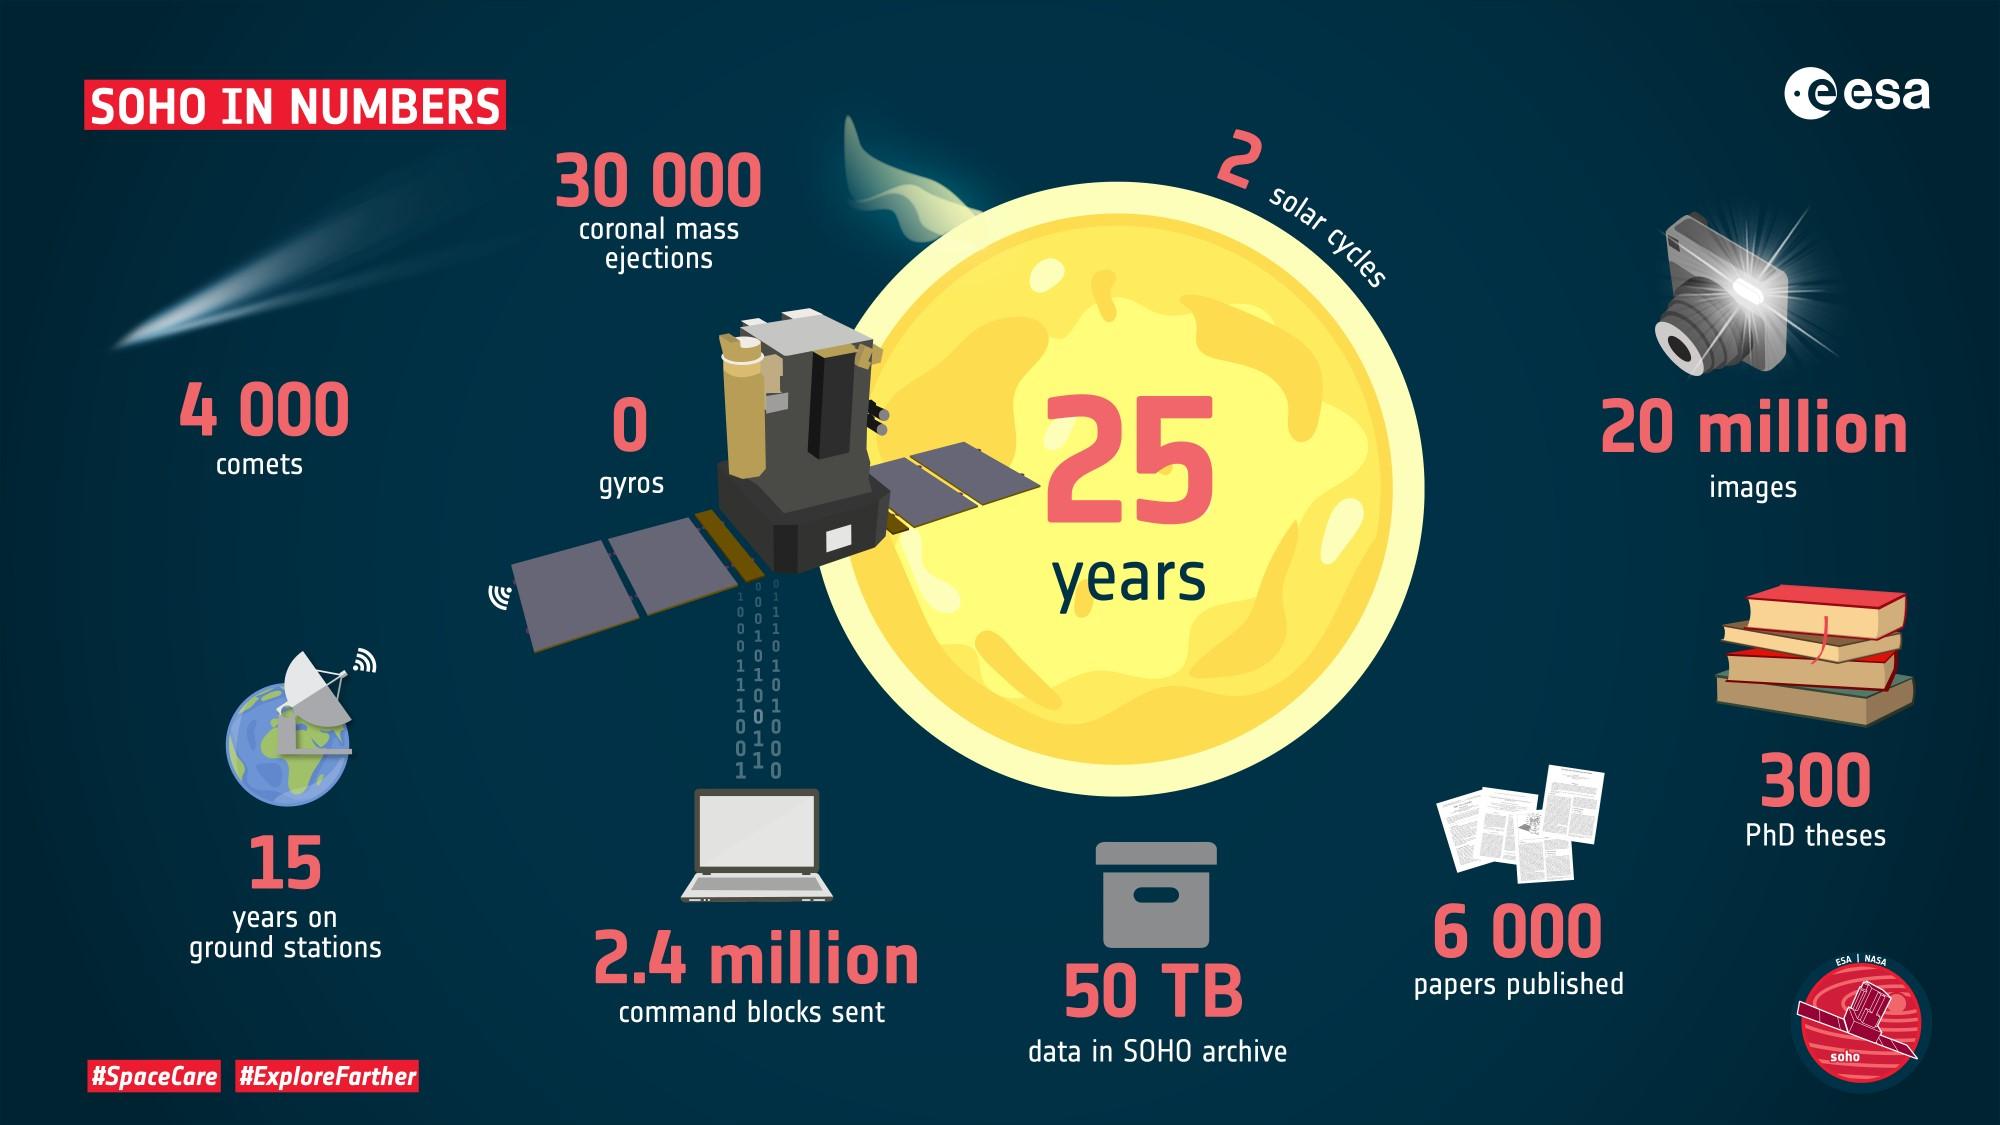 ESA_SOHO-in-numbers_2k.jpg